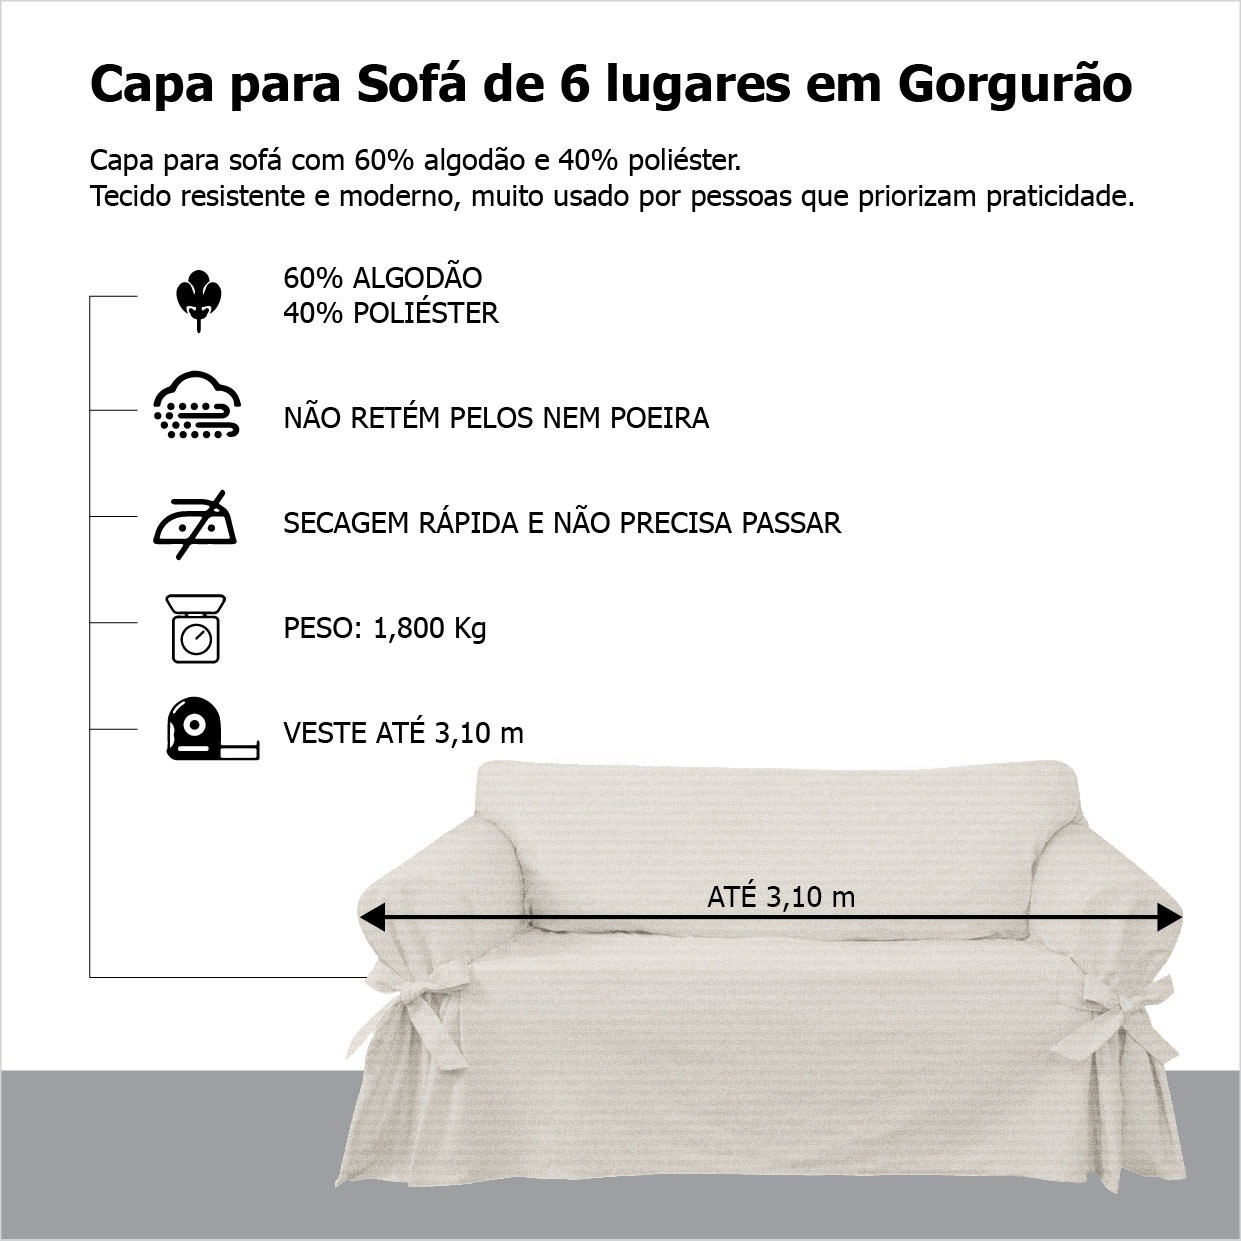 Capa p/ Sofá de 6 Lug PRETO em Gorgurão